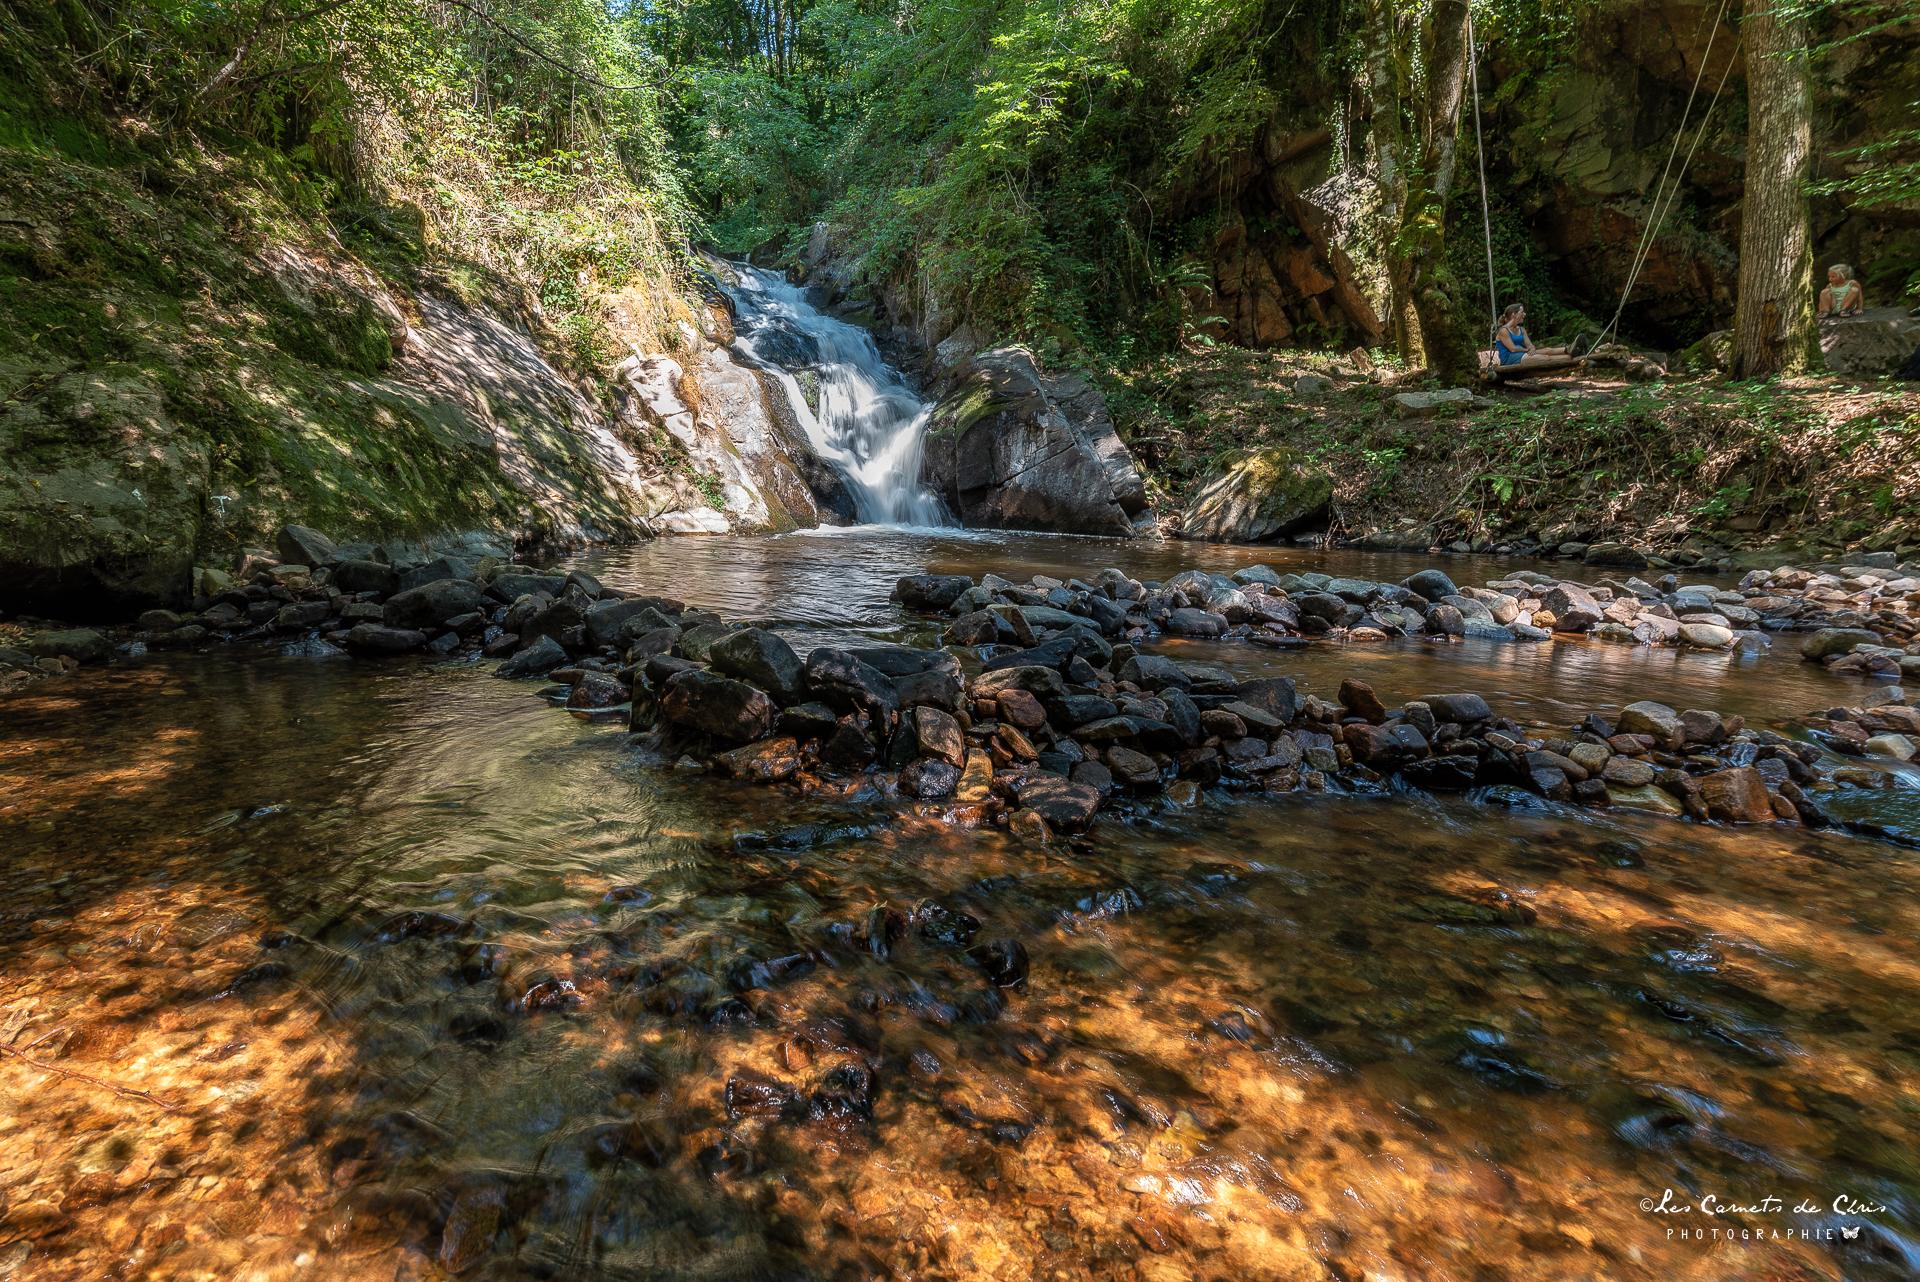 Cascades du Coiroux